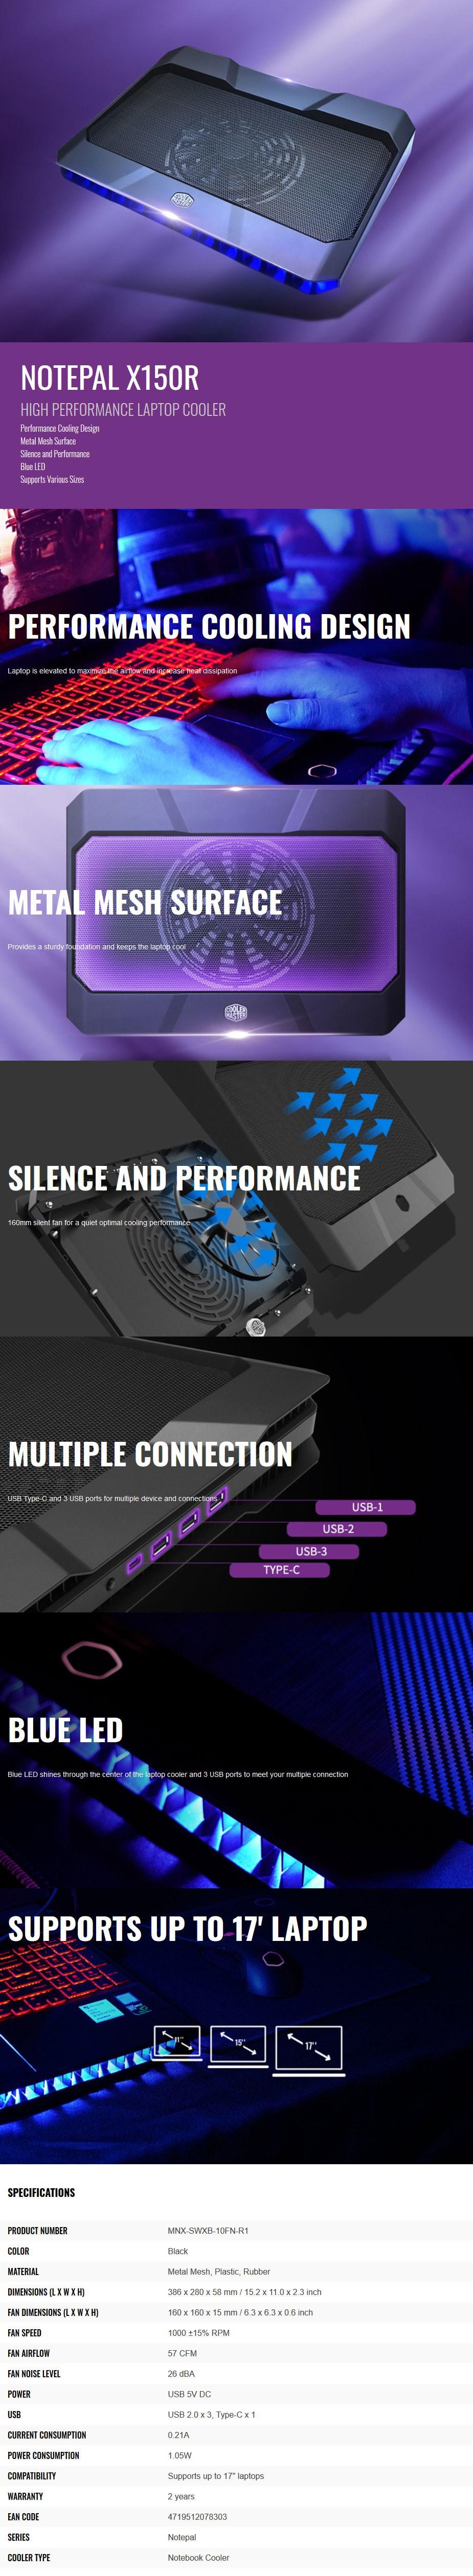 cooler-master-notepal-x150r-17-high-performance-notebook-cooler-ac32315-7.jpg